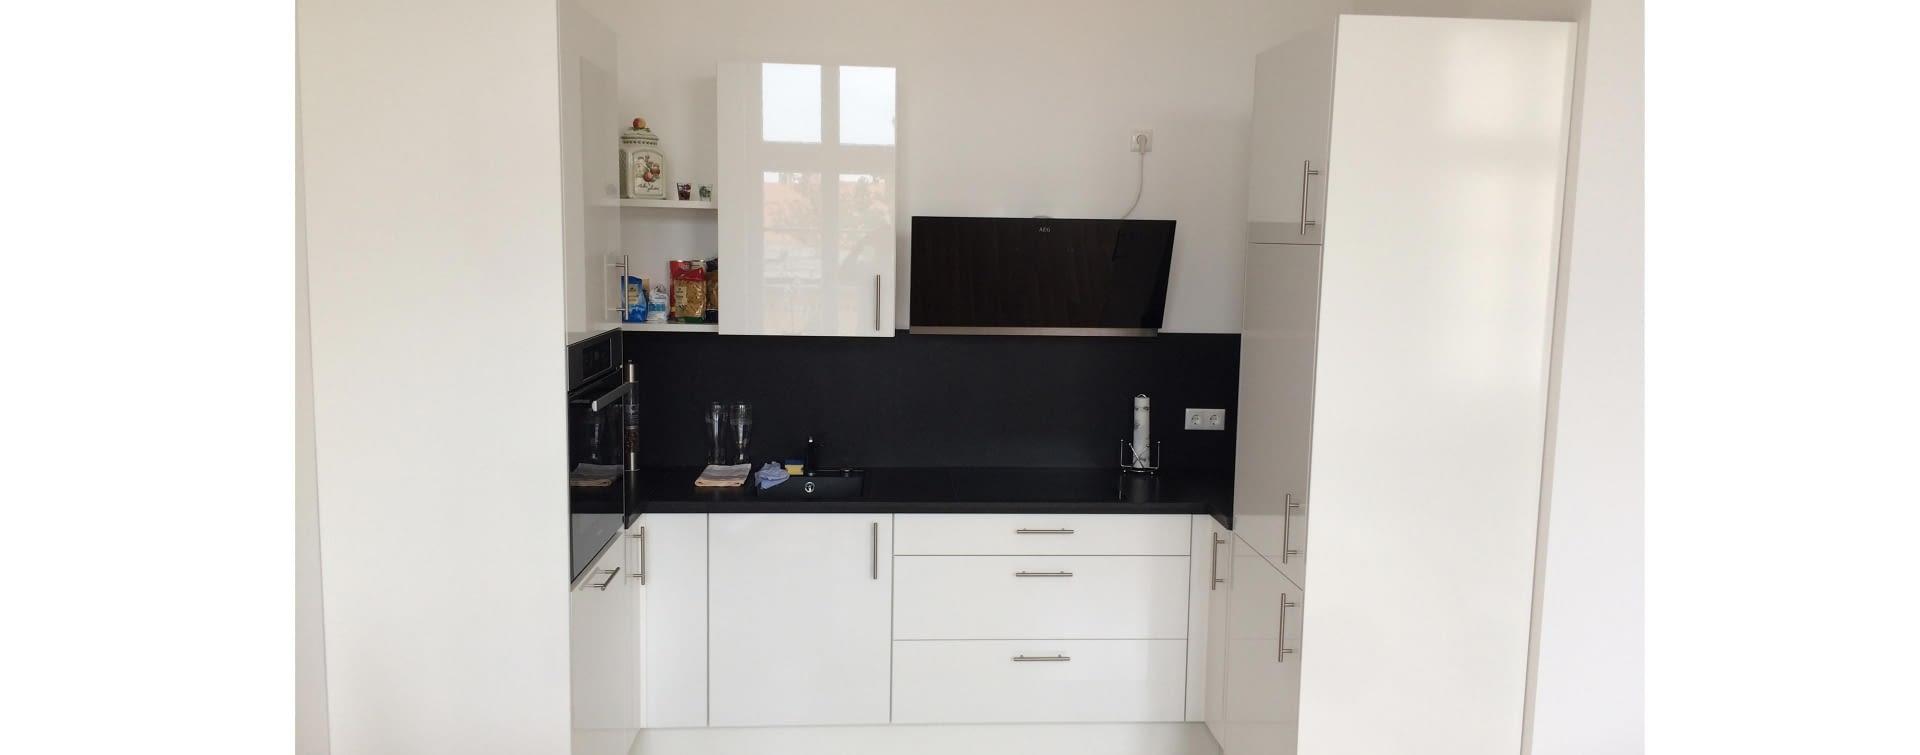 Nützliche Planungstipps Für Kleine Küchen Inklusive 360 Grad Bild Marquardt  Küchen